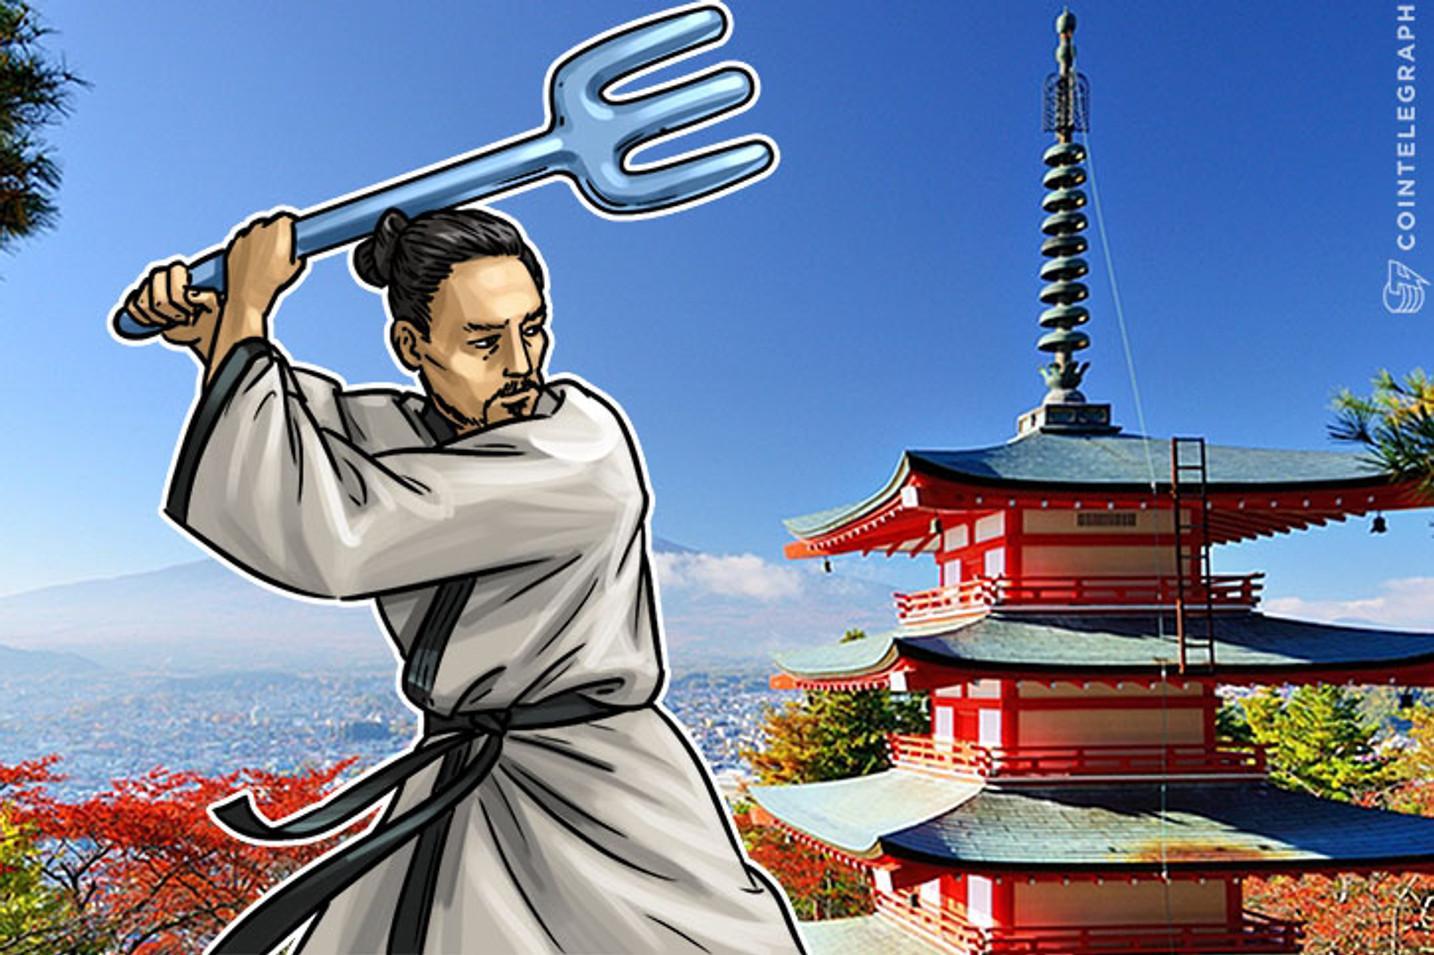 Carteira Samourai Pretende Executar o BIP 148 Até o SegWit ser Completamente Ativado